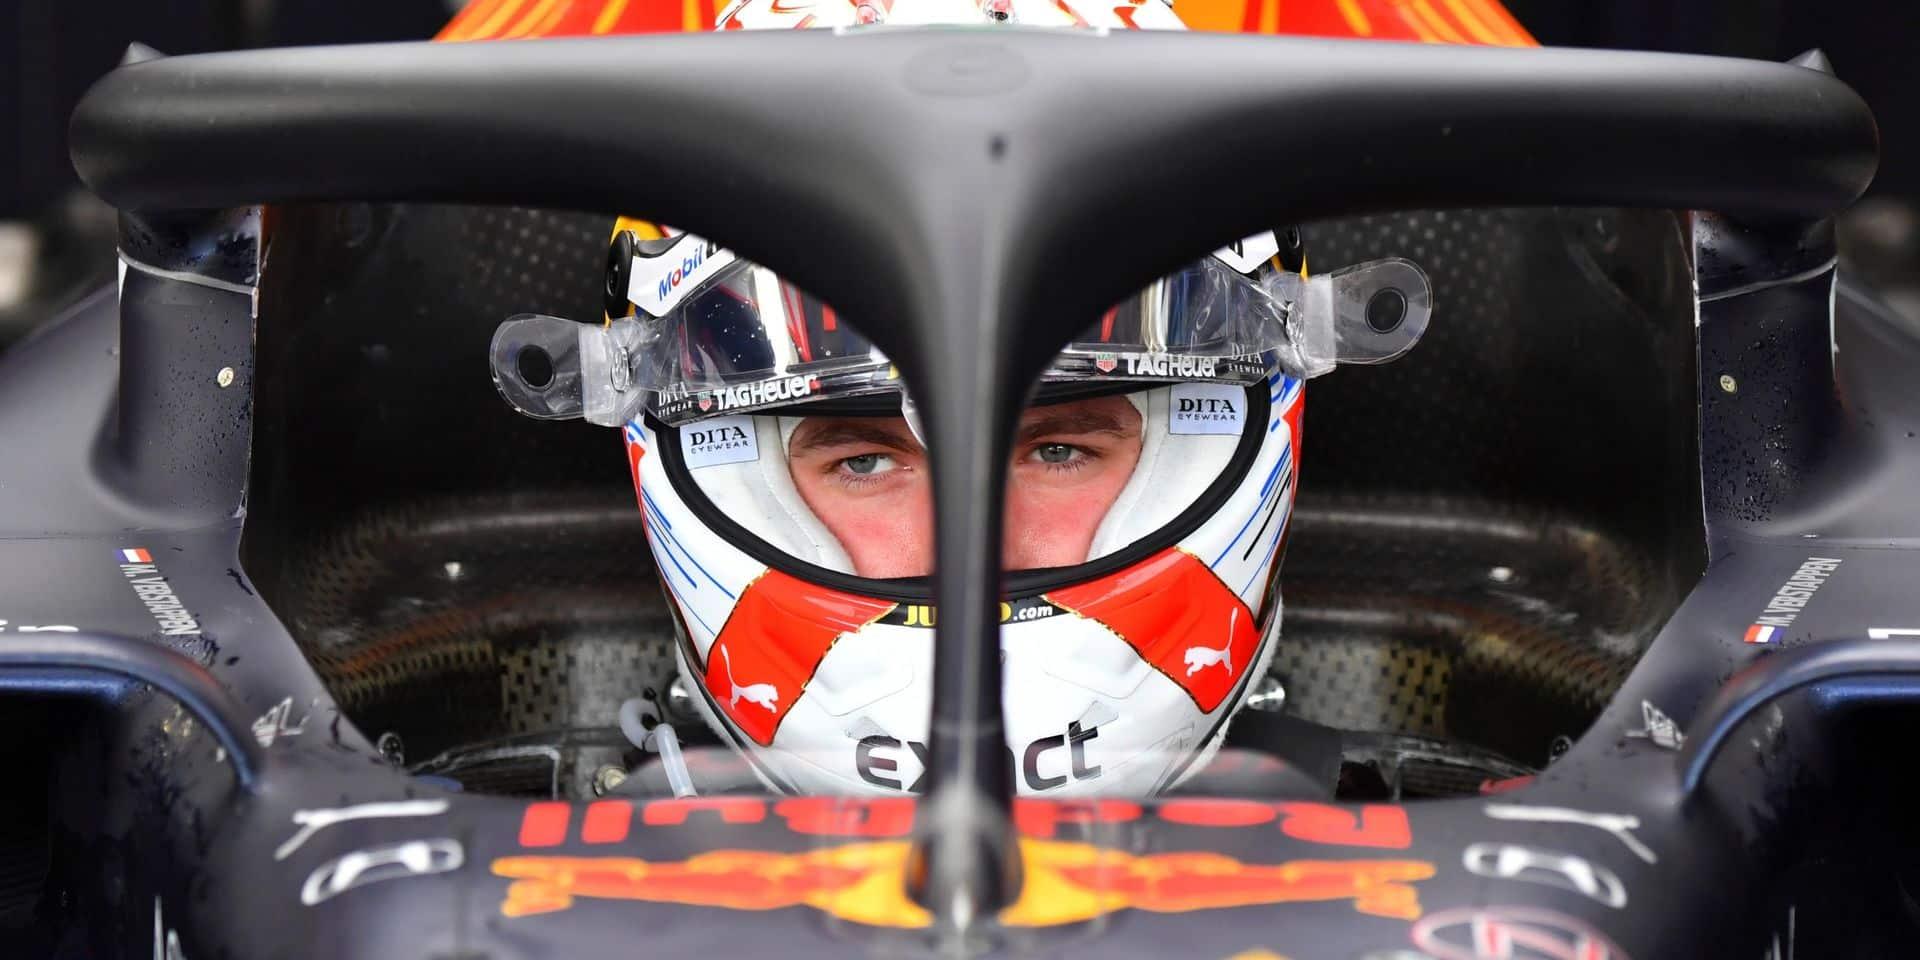 Au Brésil, Max Verstappen a réalisé l'arrêt au stand le plus rapide de l'histoire